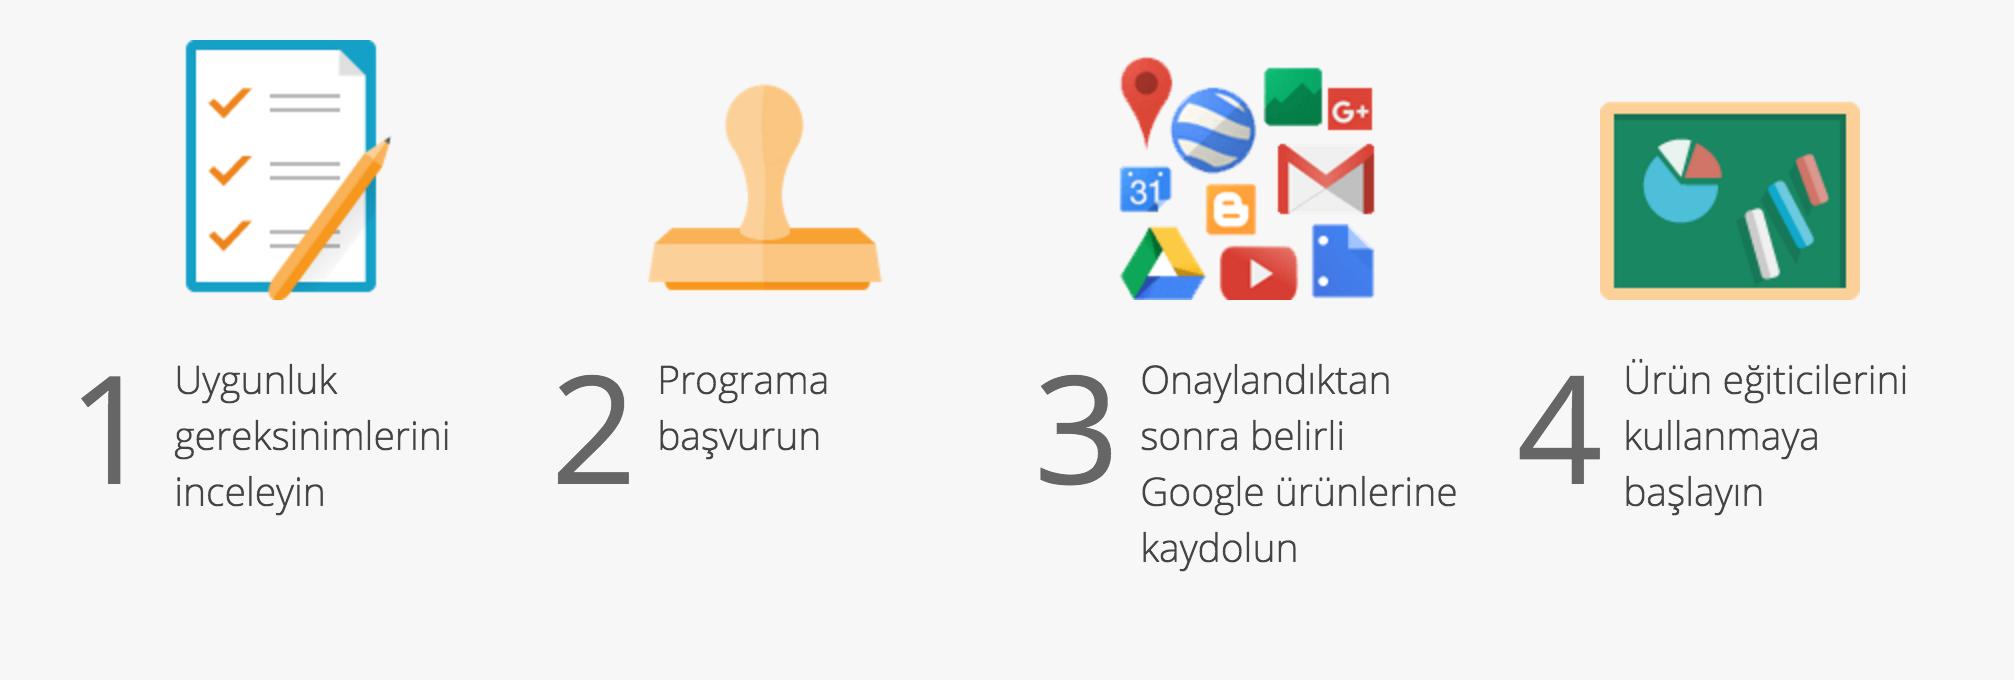 Google ile Sivil Toplum Kuruluşları Katılım Şartları